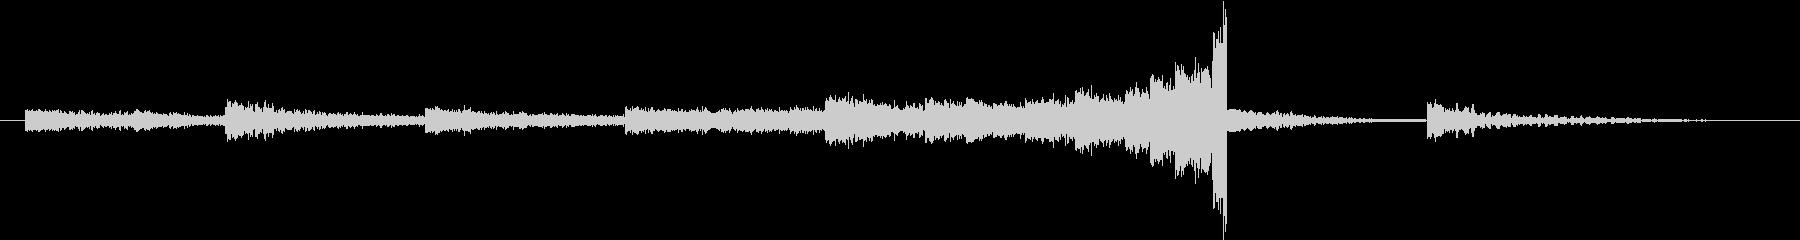 アンビエント ドラマチック 金管楽器の未再生の波形